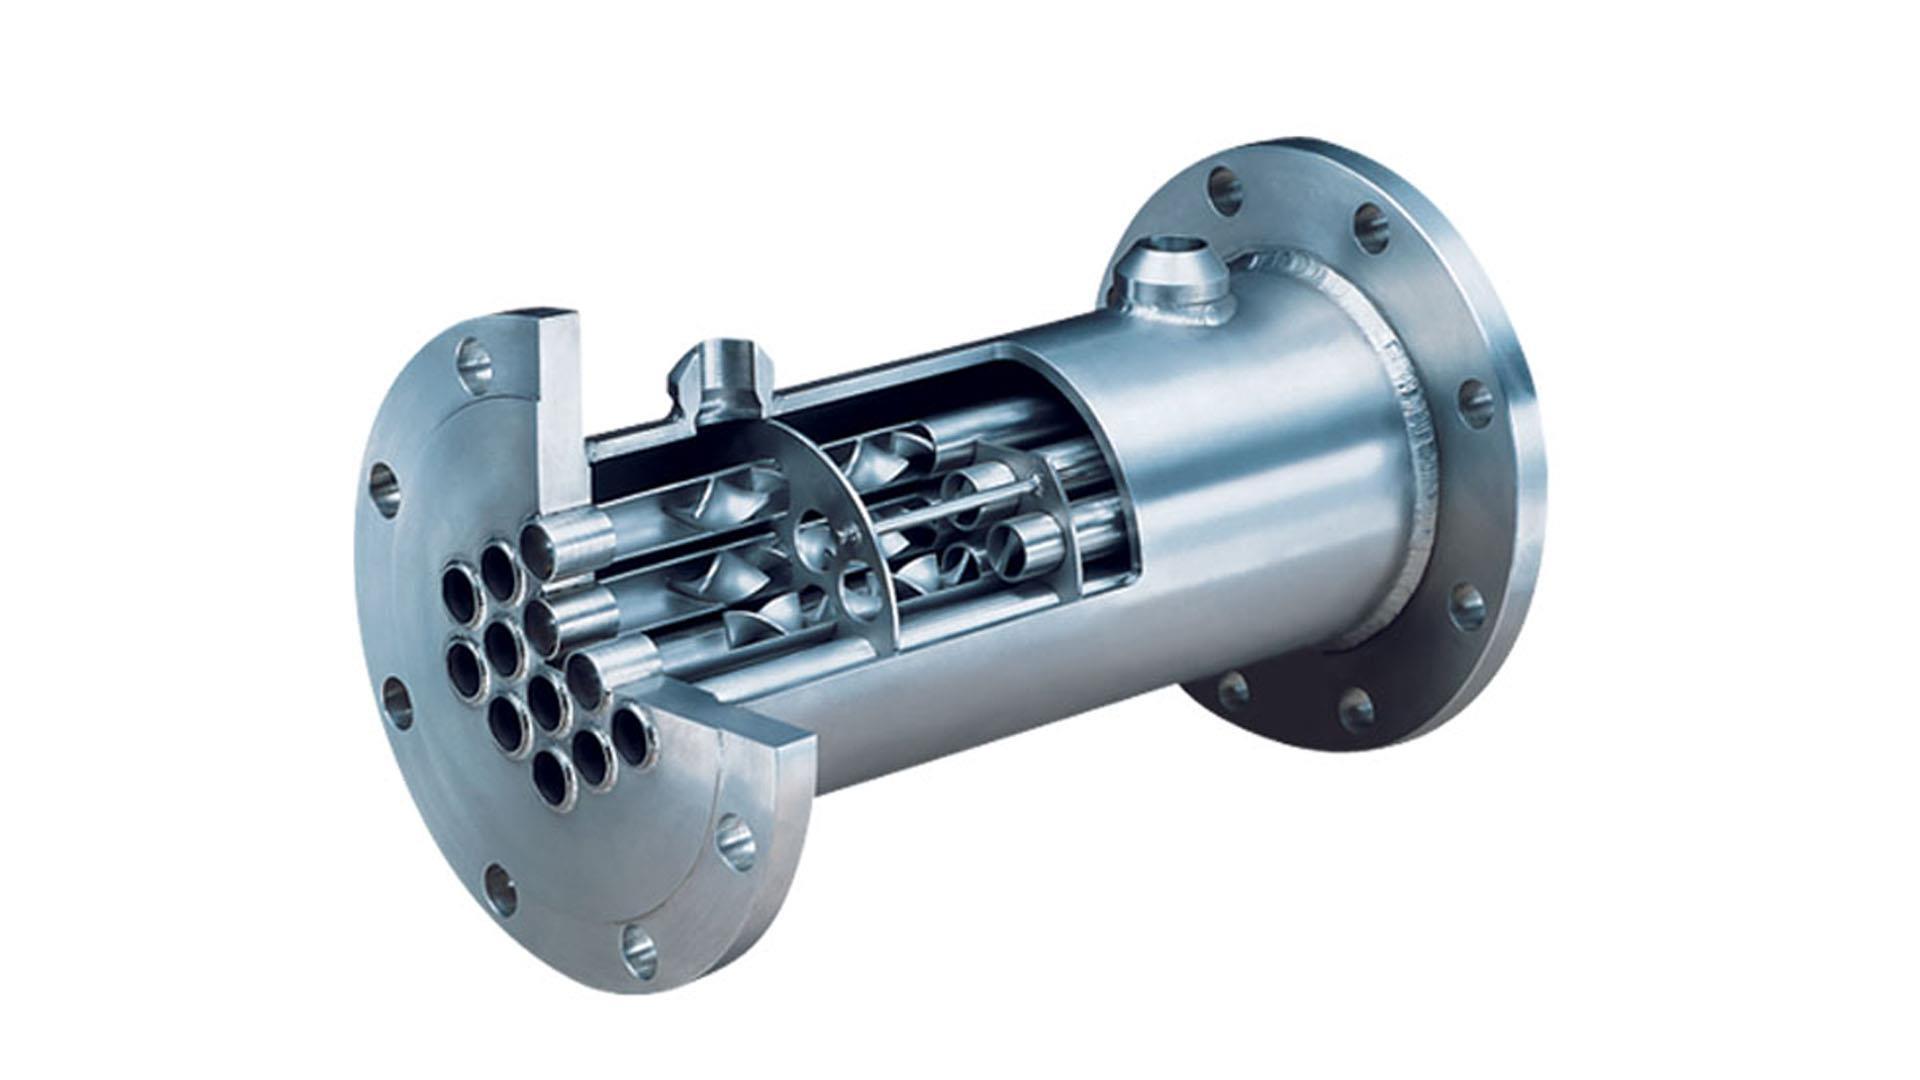 Render of Heat Exchanger